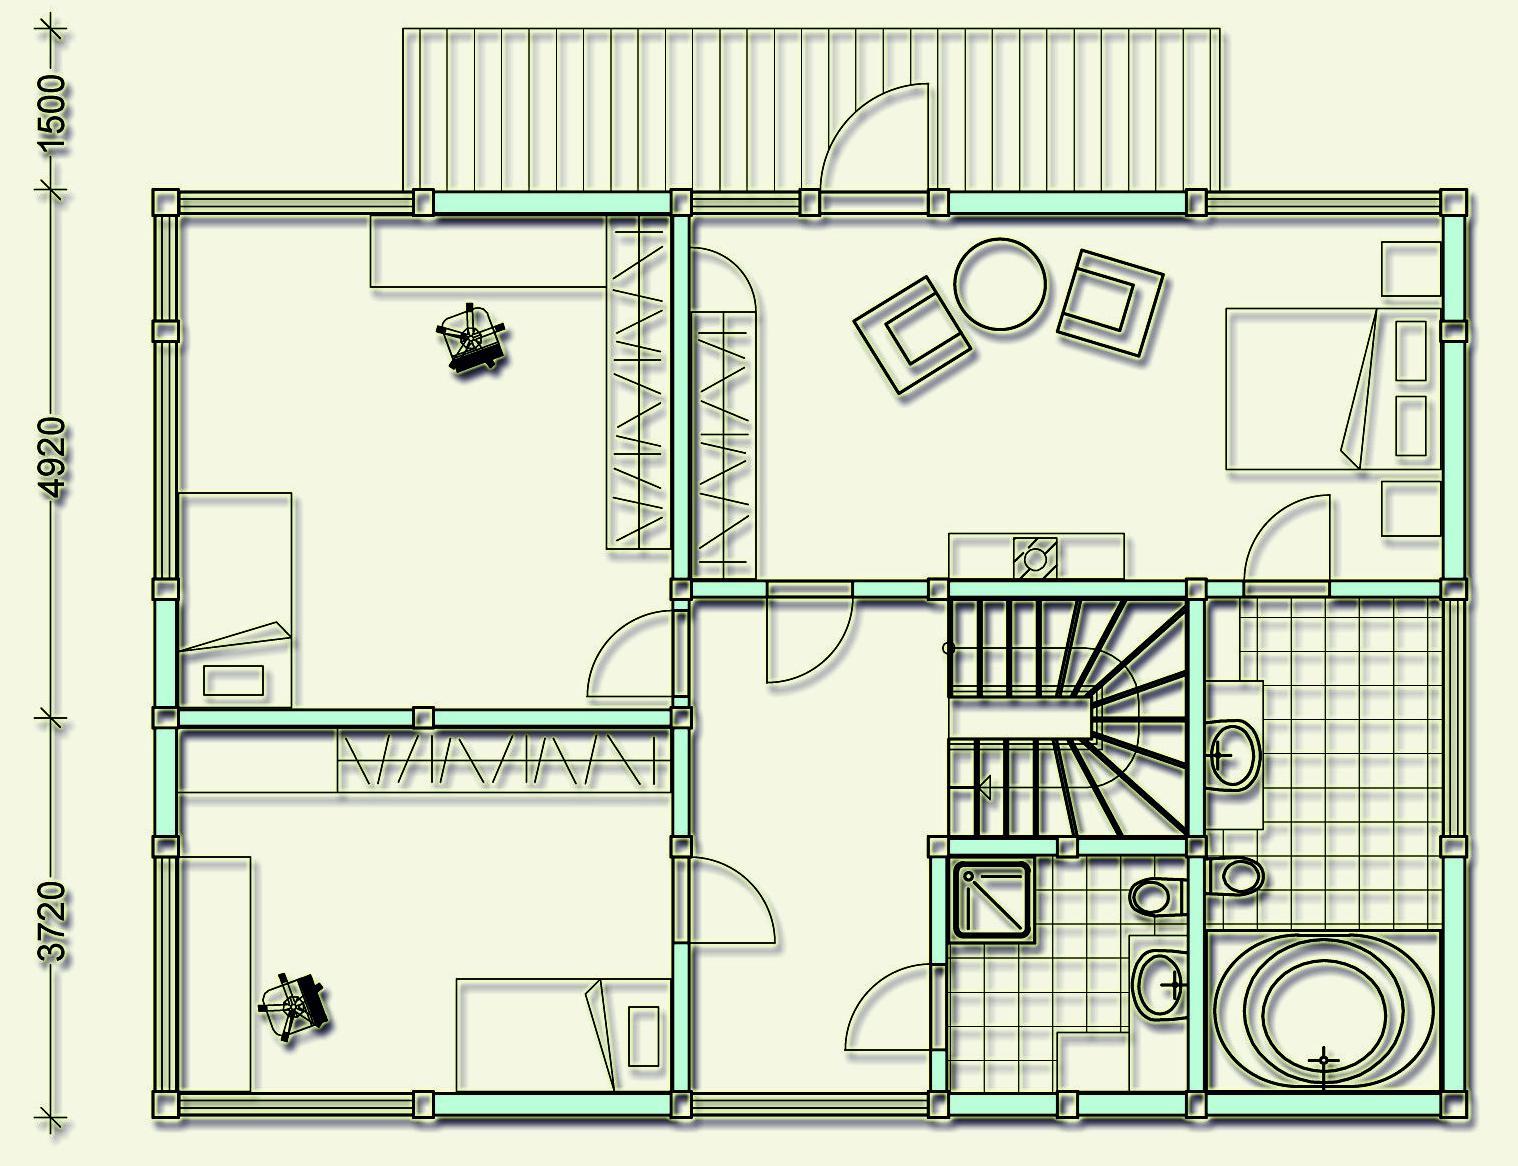 Проект фахверкового коттеджа MCF210 - план второго этажа